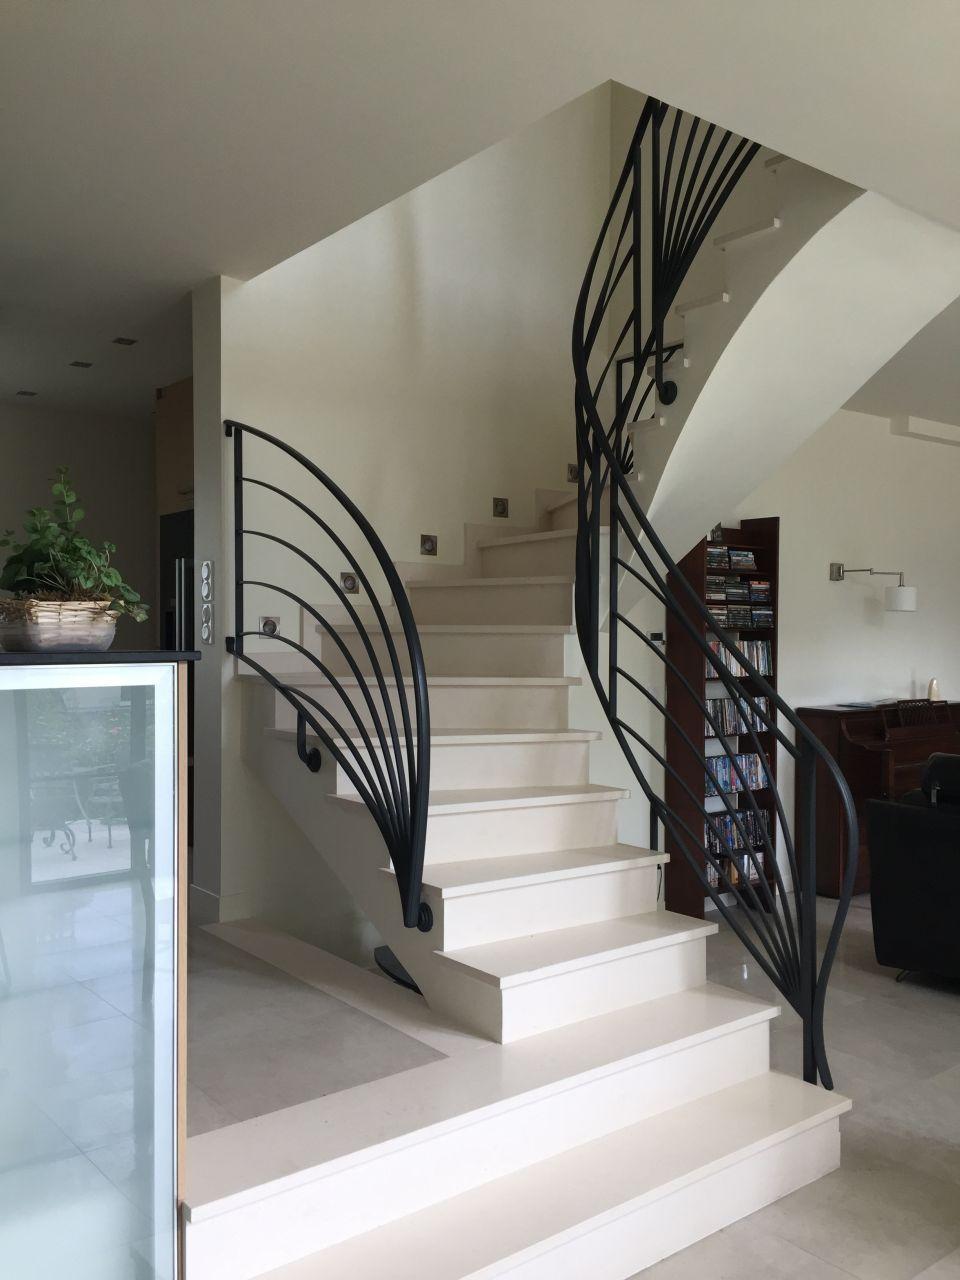 L'escalier en voute sarrasine et sa rampe en fer forgé